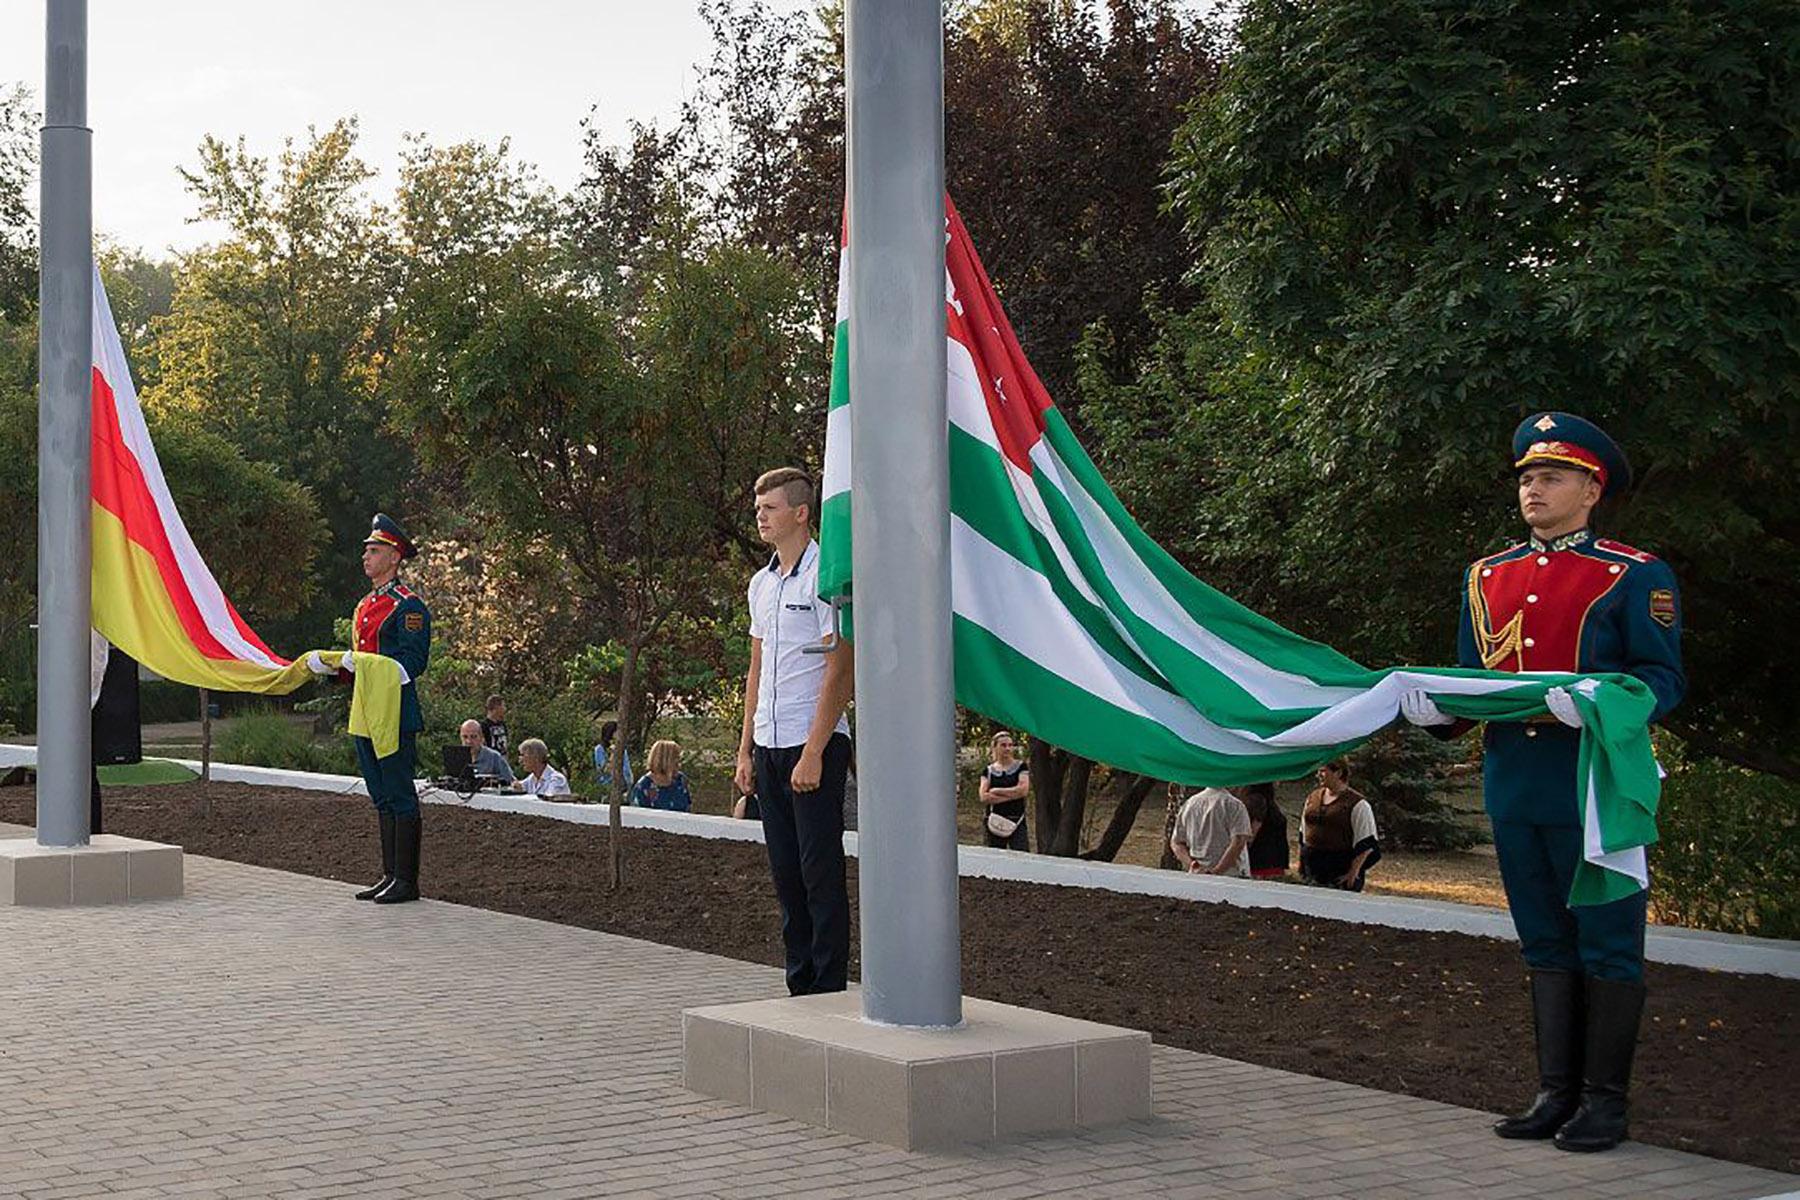 Поздравления в стихах с днем независимости абхазии и южной осетии